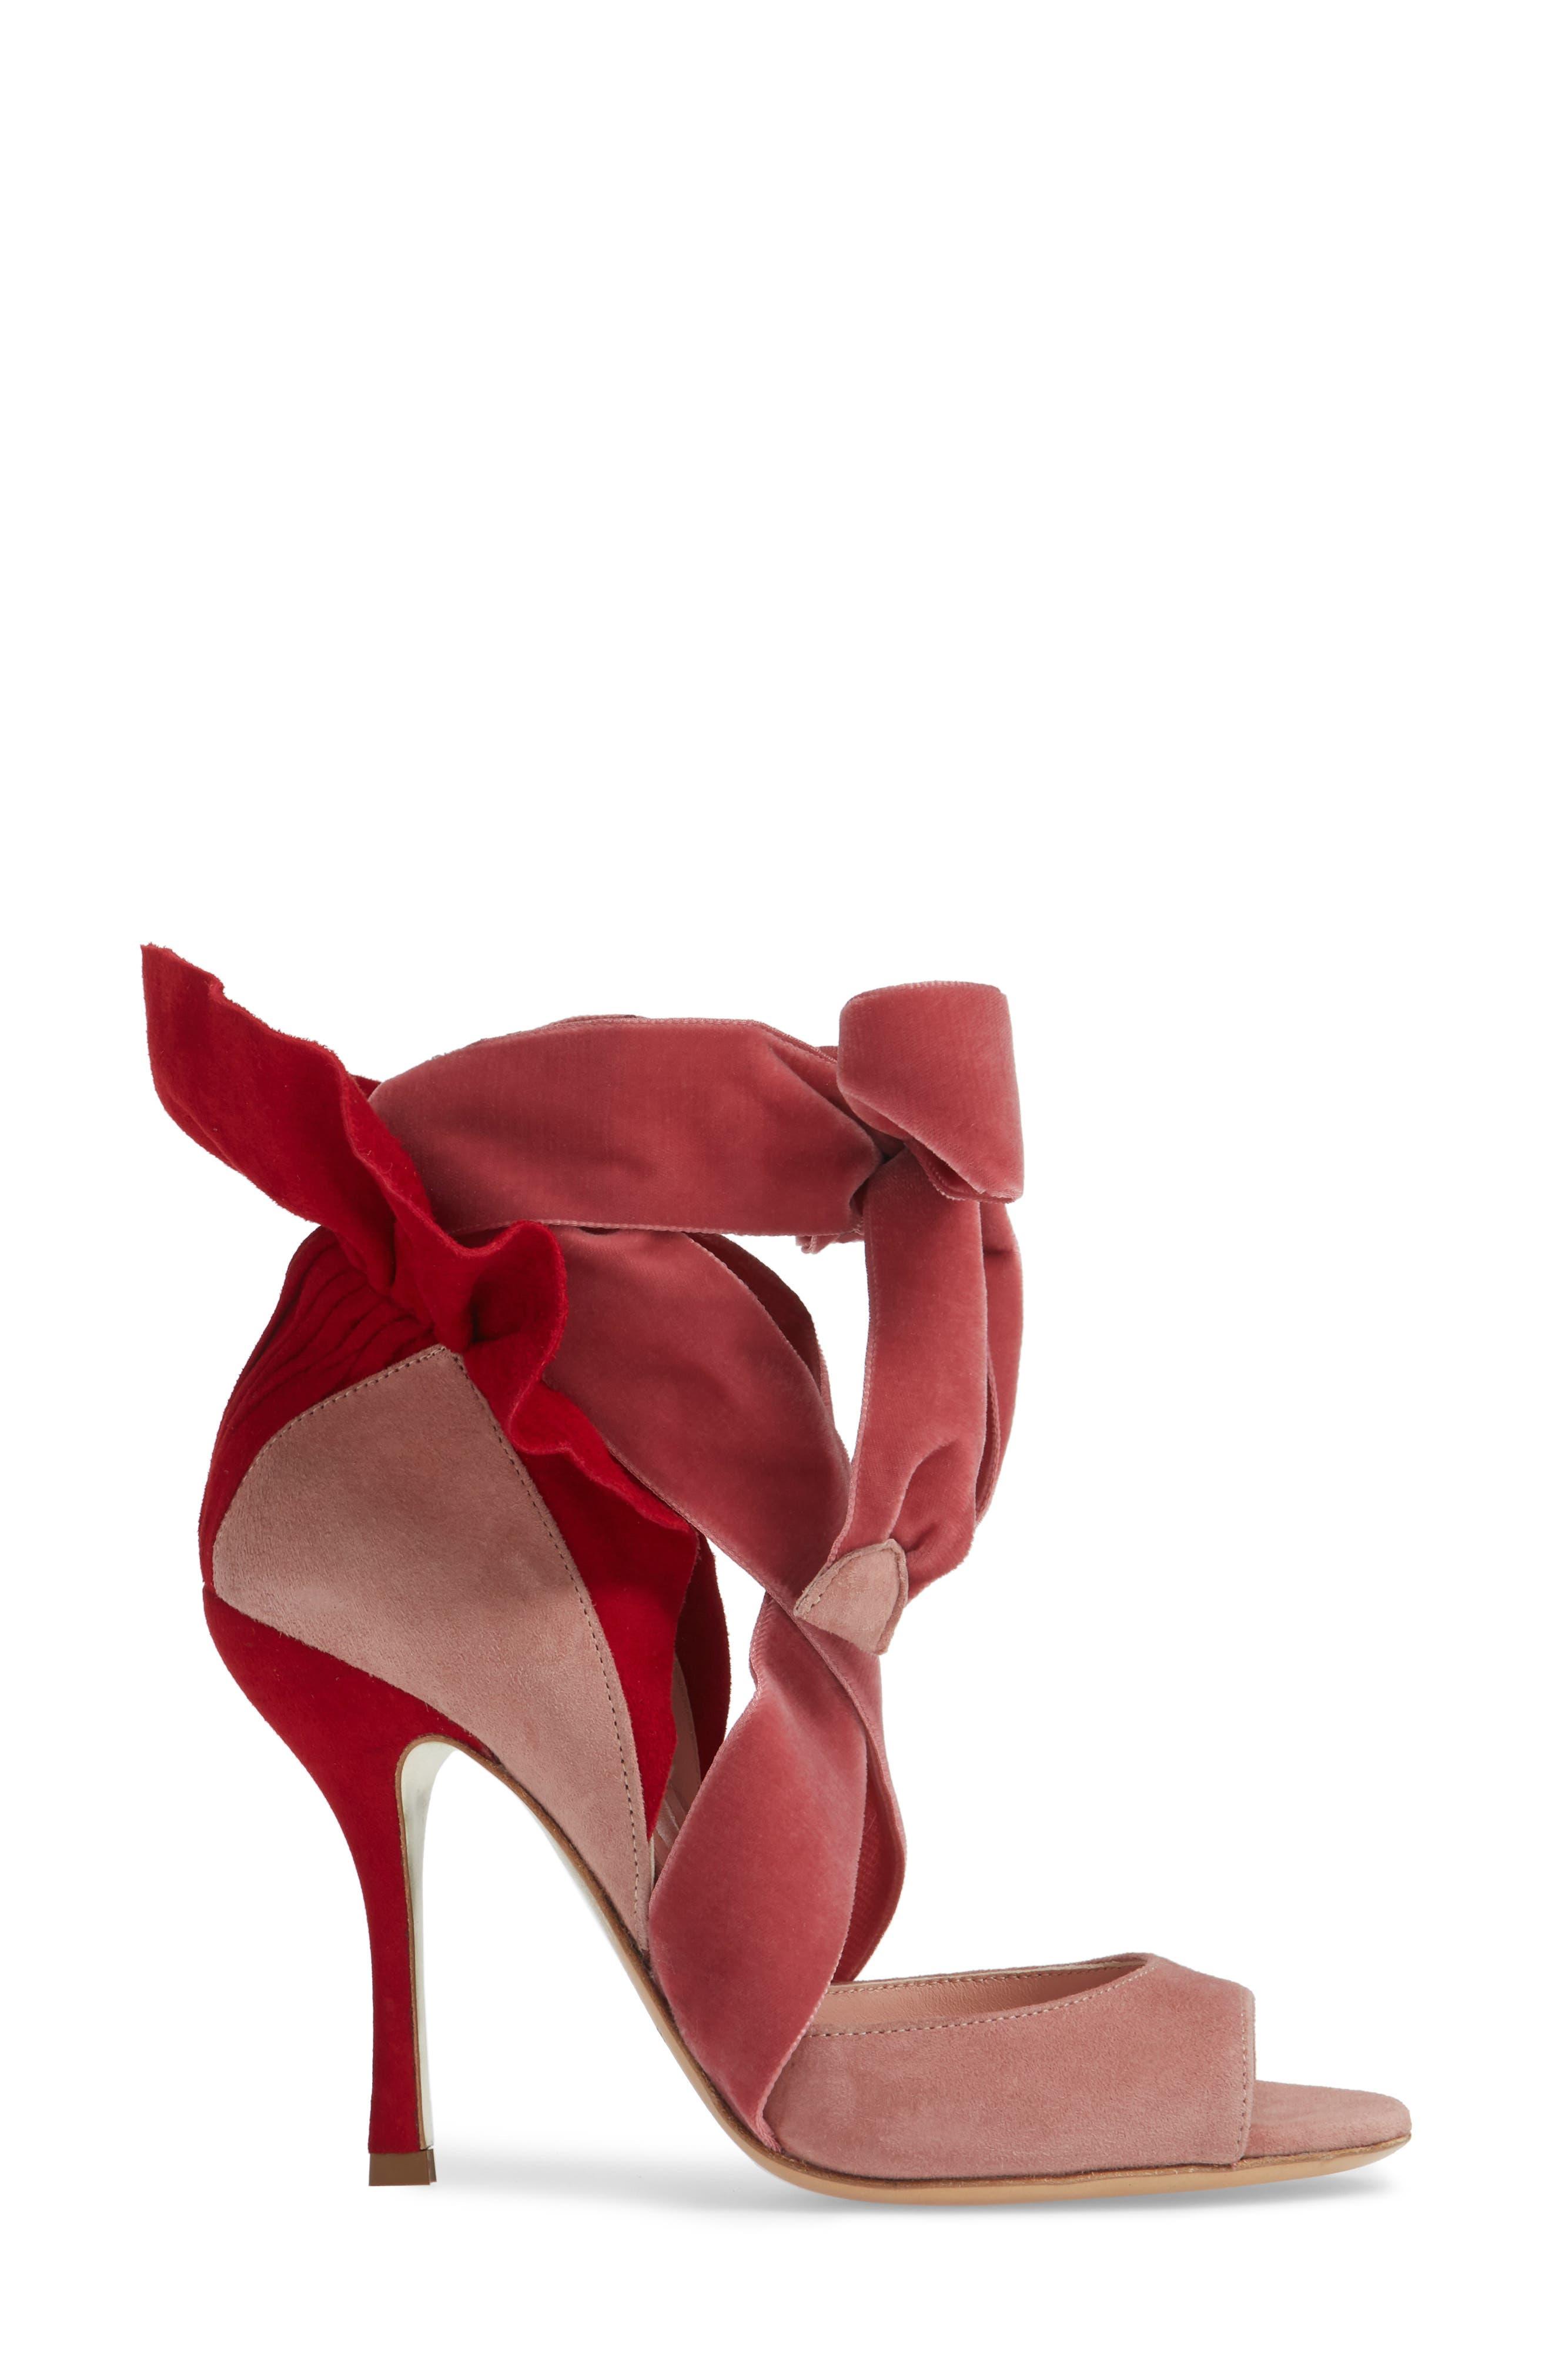 Frills For All Sandal,                             Alternate thumbnail 3, color,                             ROSE/ RED